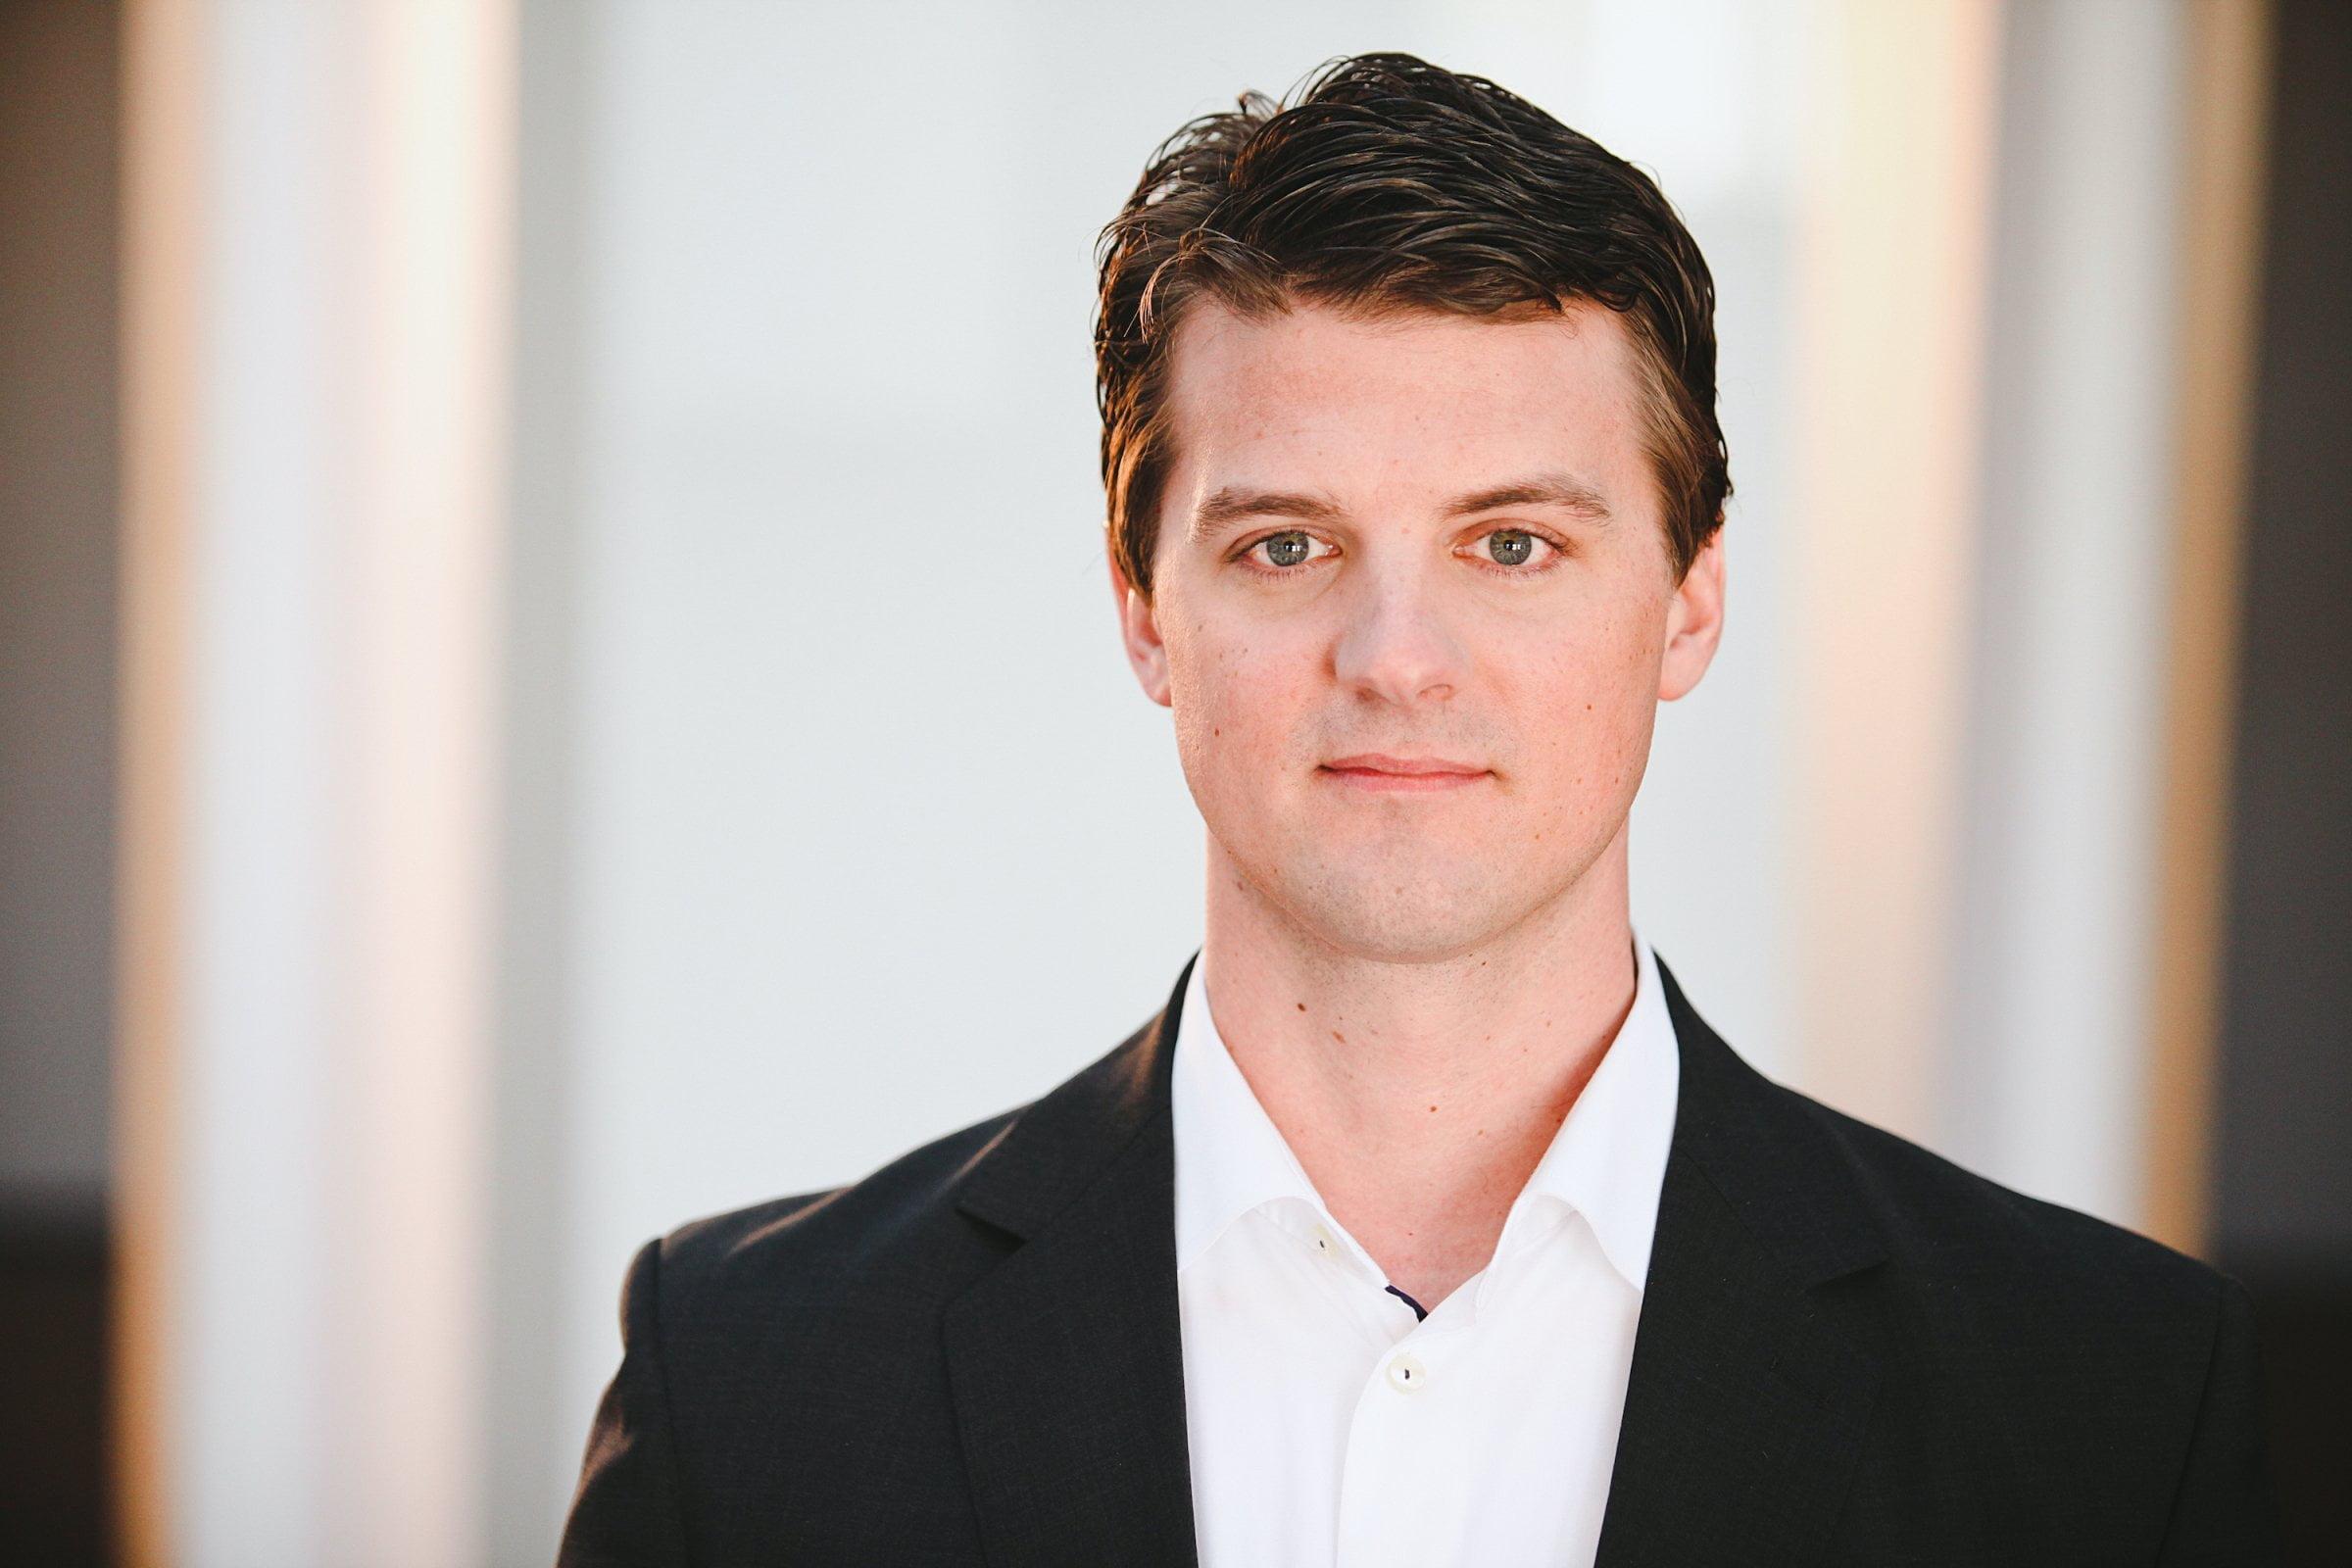 GrubHub CEO Matt Maloney